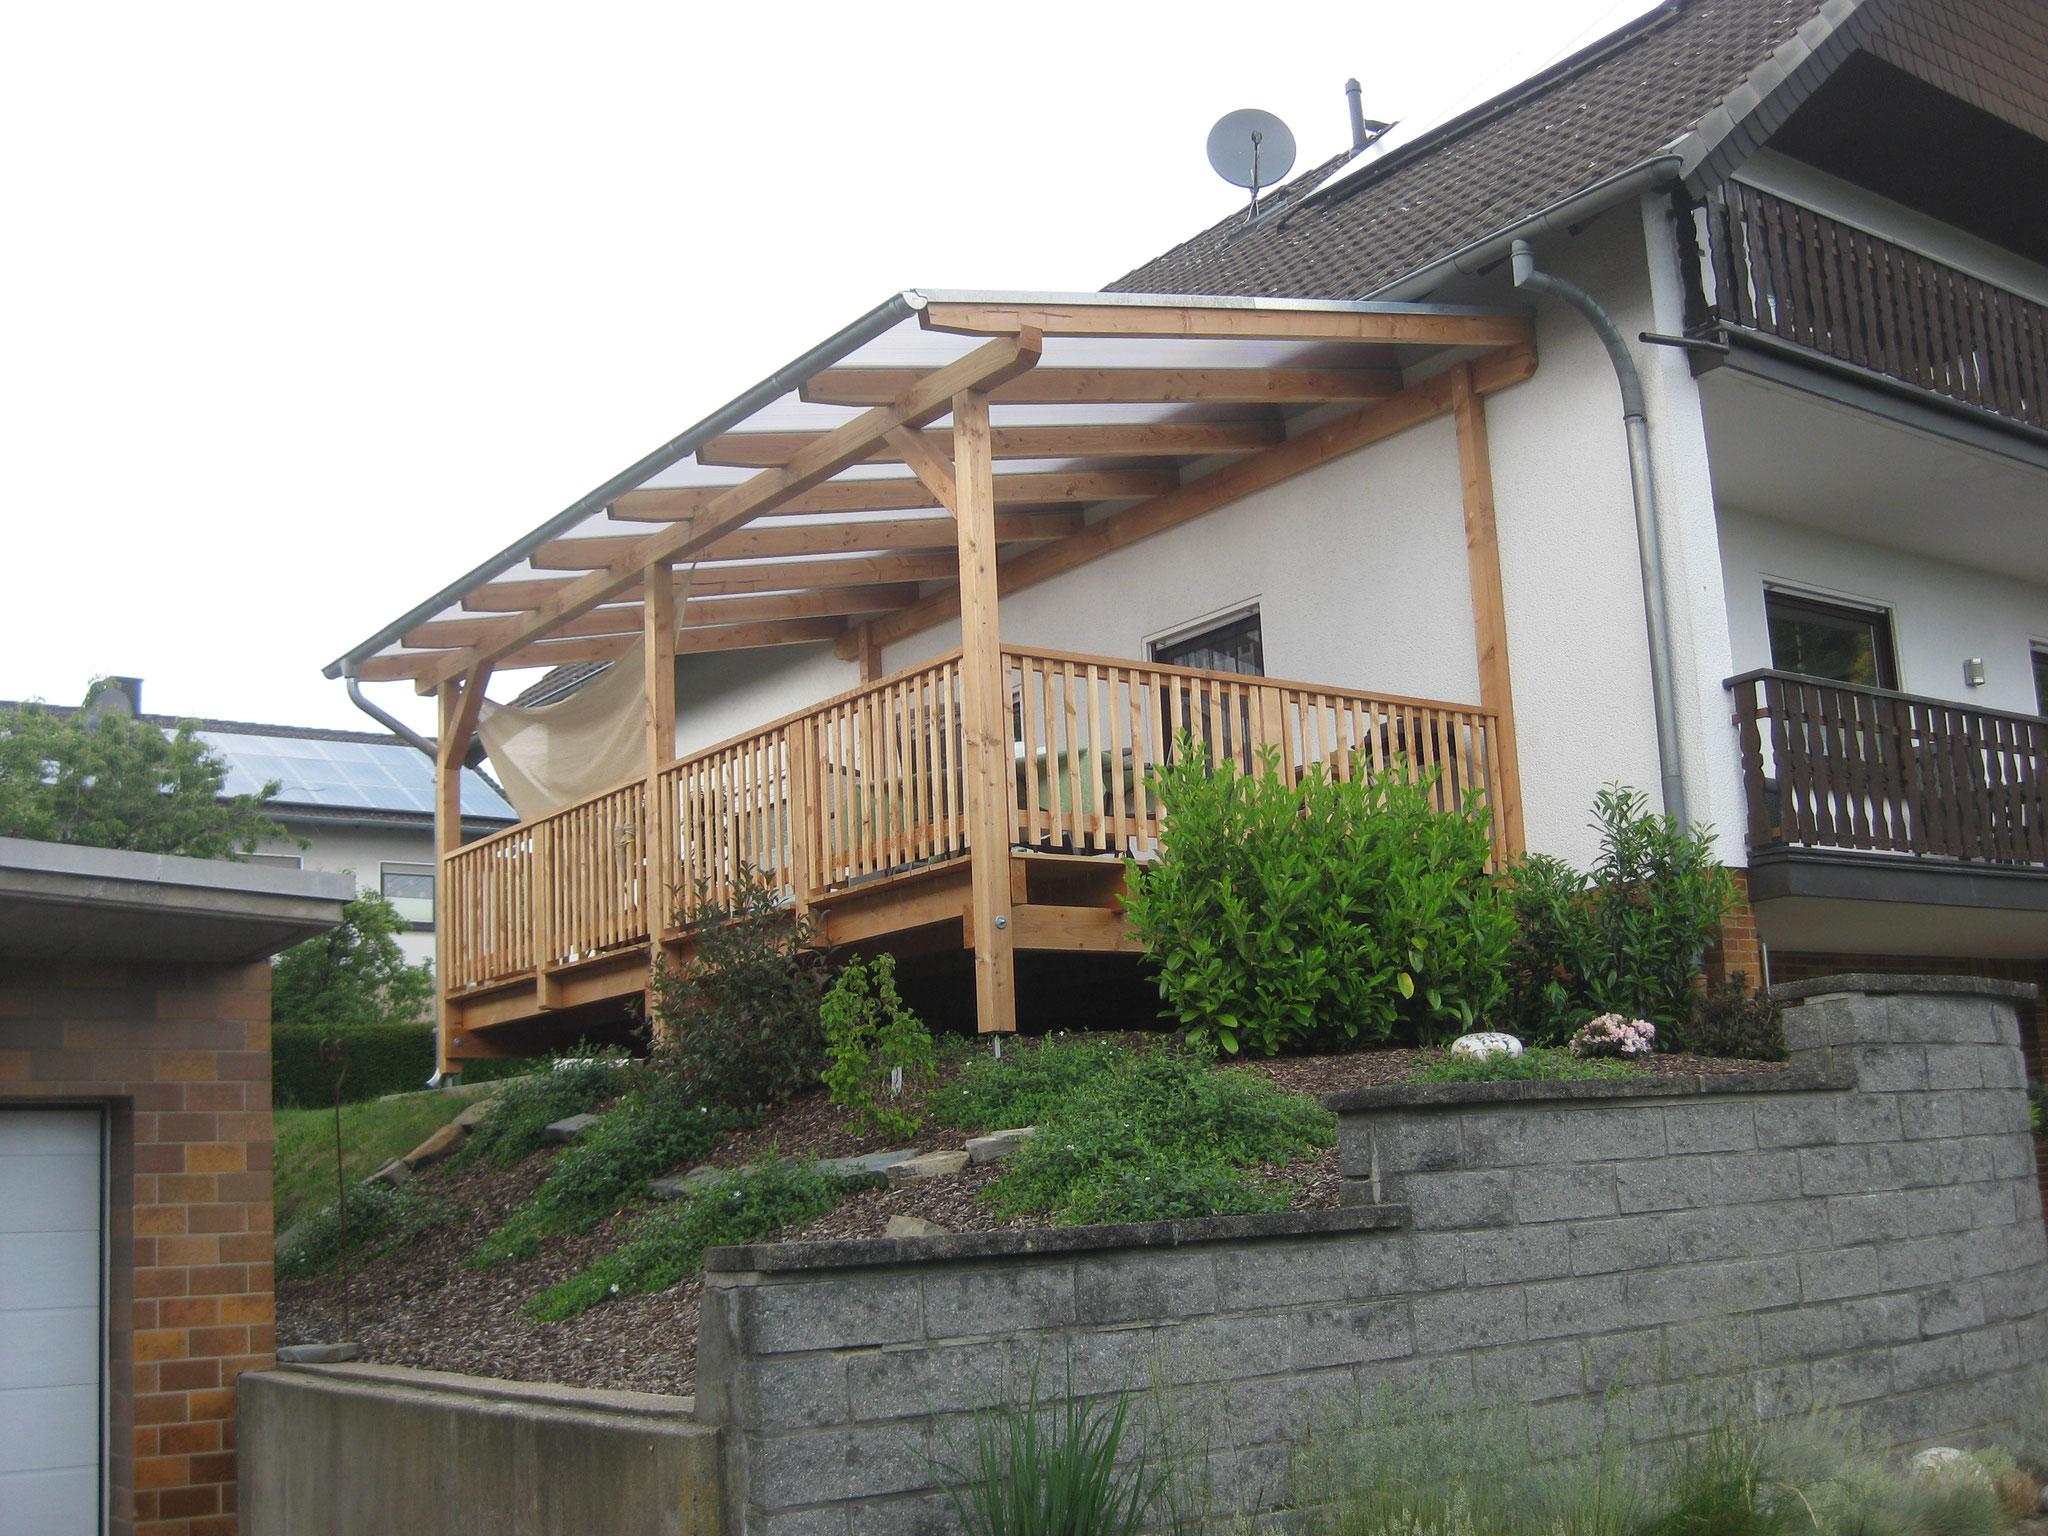 Holzterasse mit Überdachung